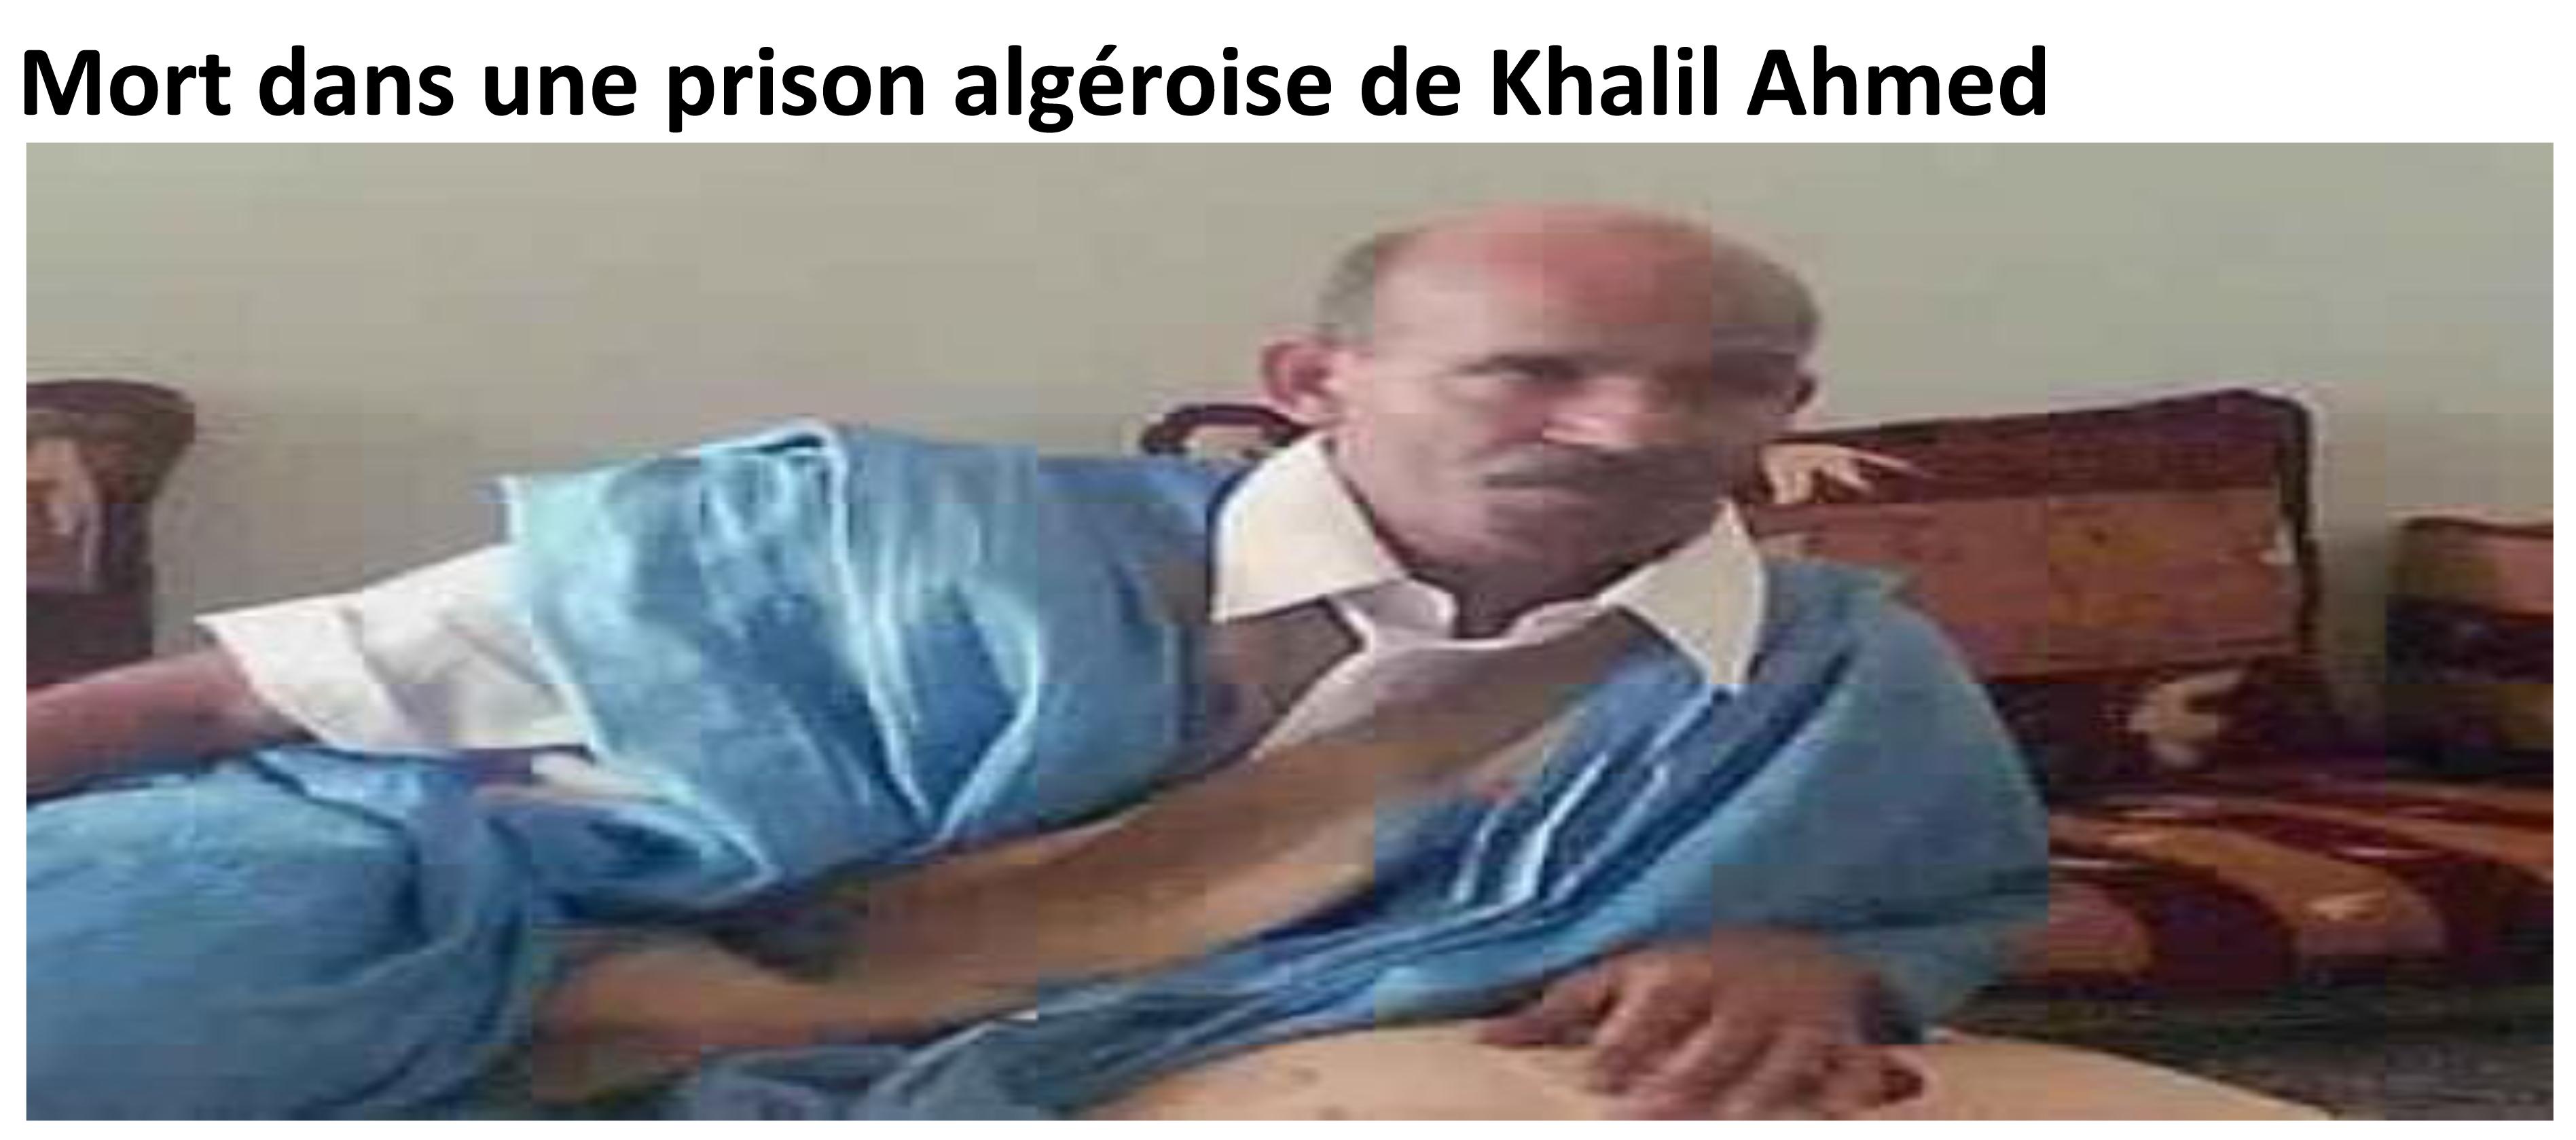 Décès de Khalil Ahmed dans une prison algéroise